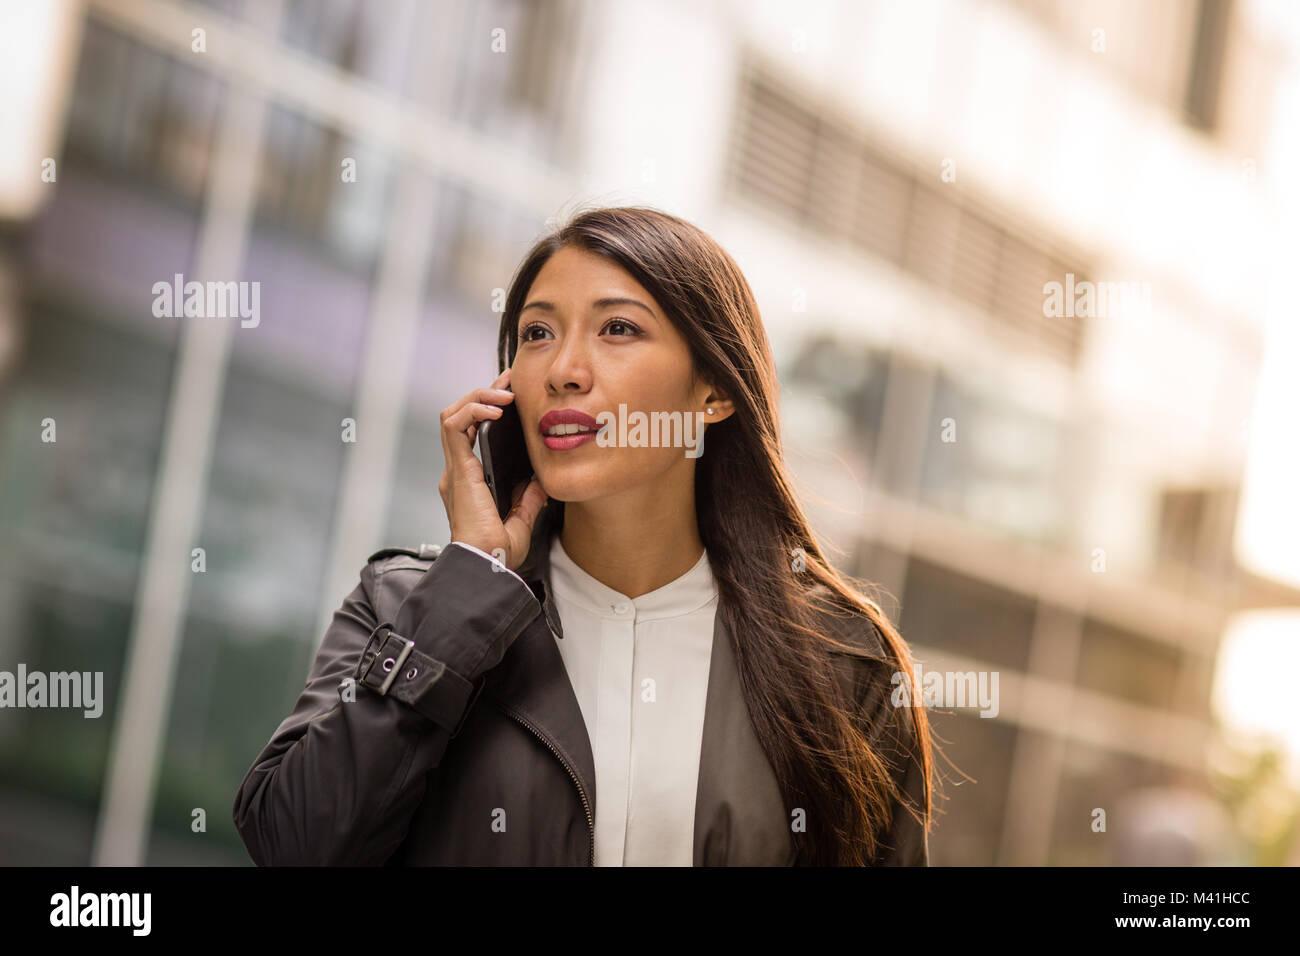 Frau mit Smartphone zu Fuß in der Stadt Stockbild